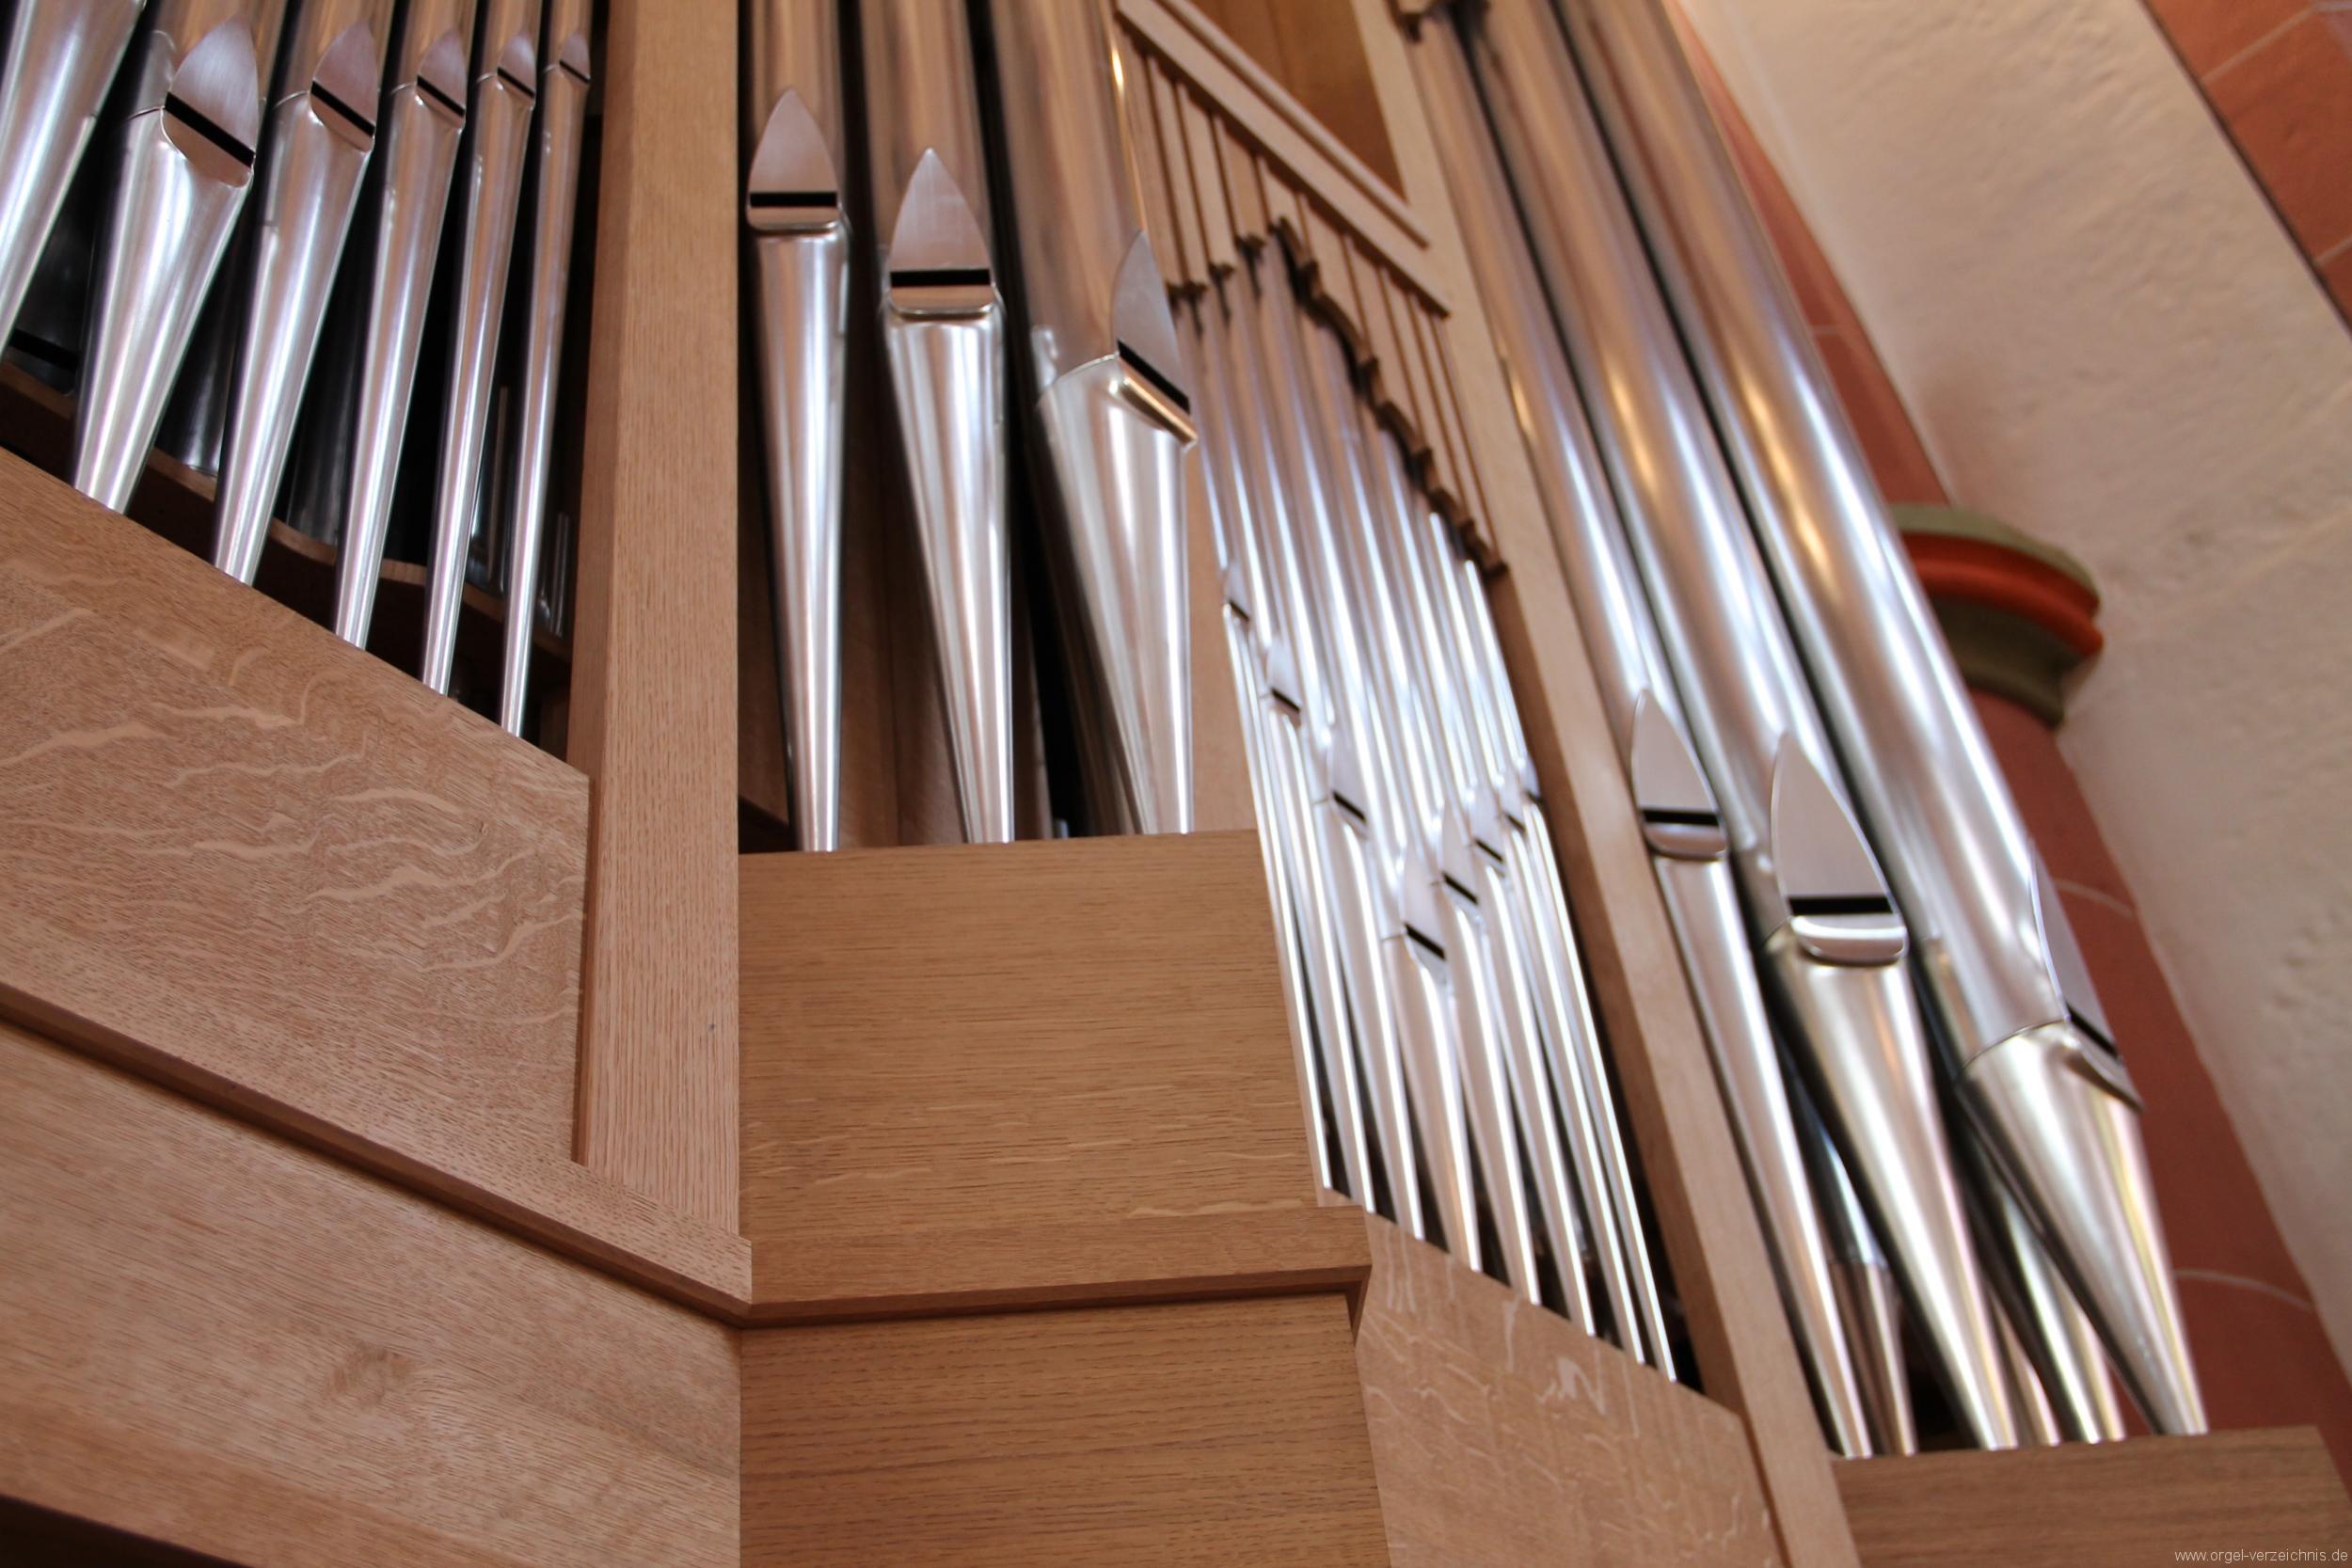 Neustadt an der Weinstrasse Stiftskirche Prospekt Altarorgel II